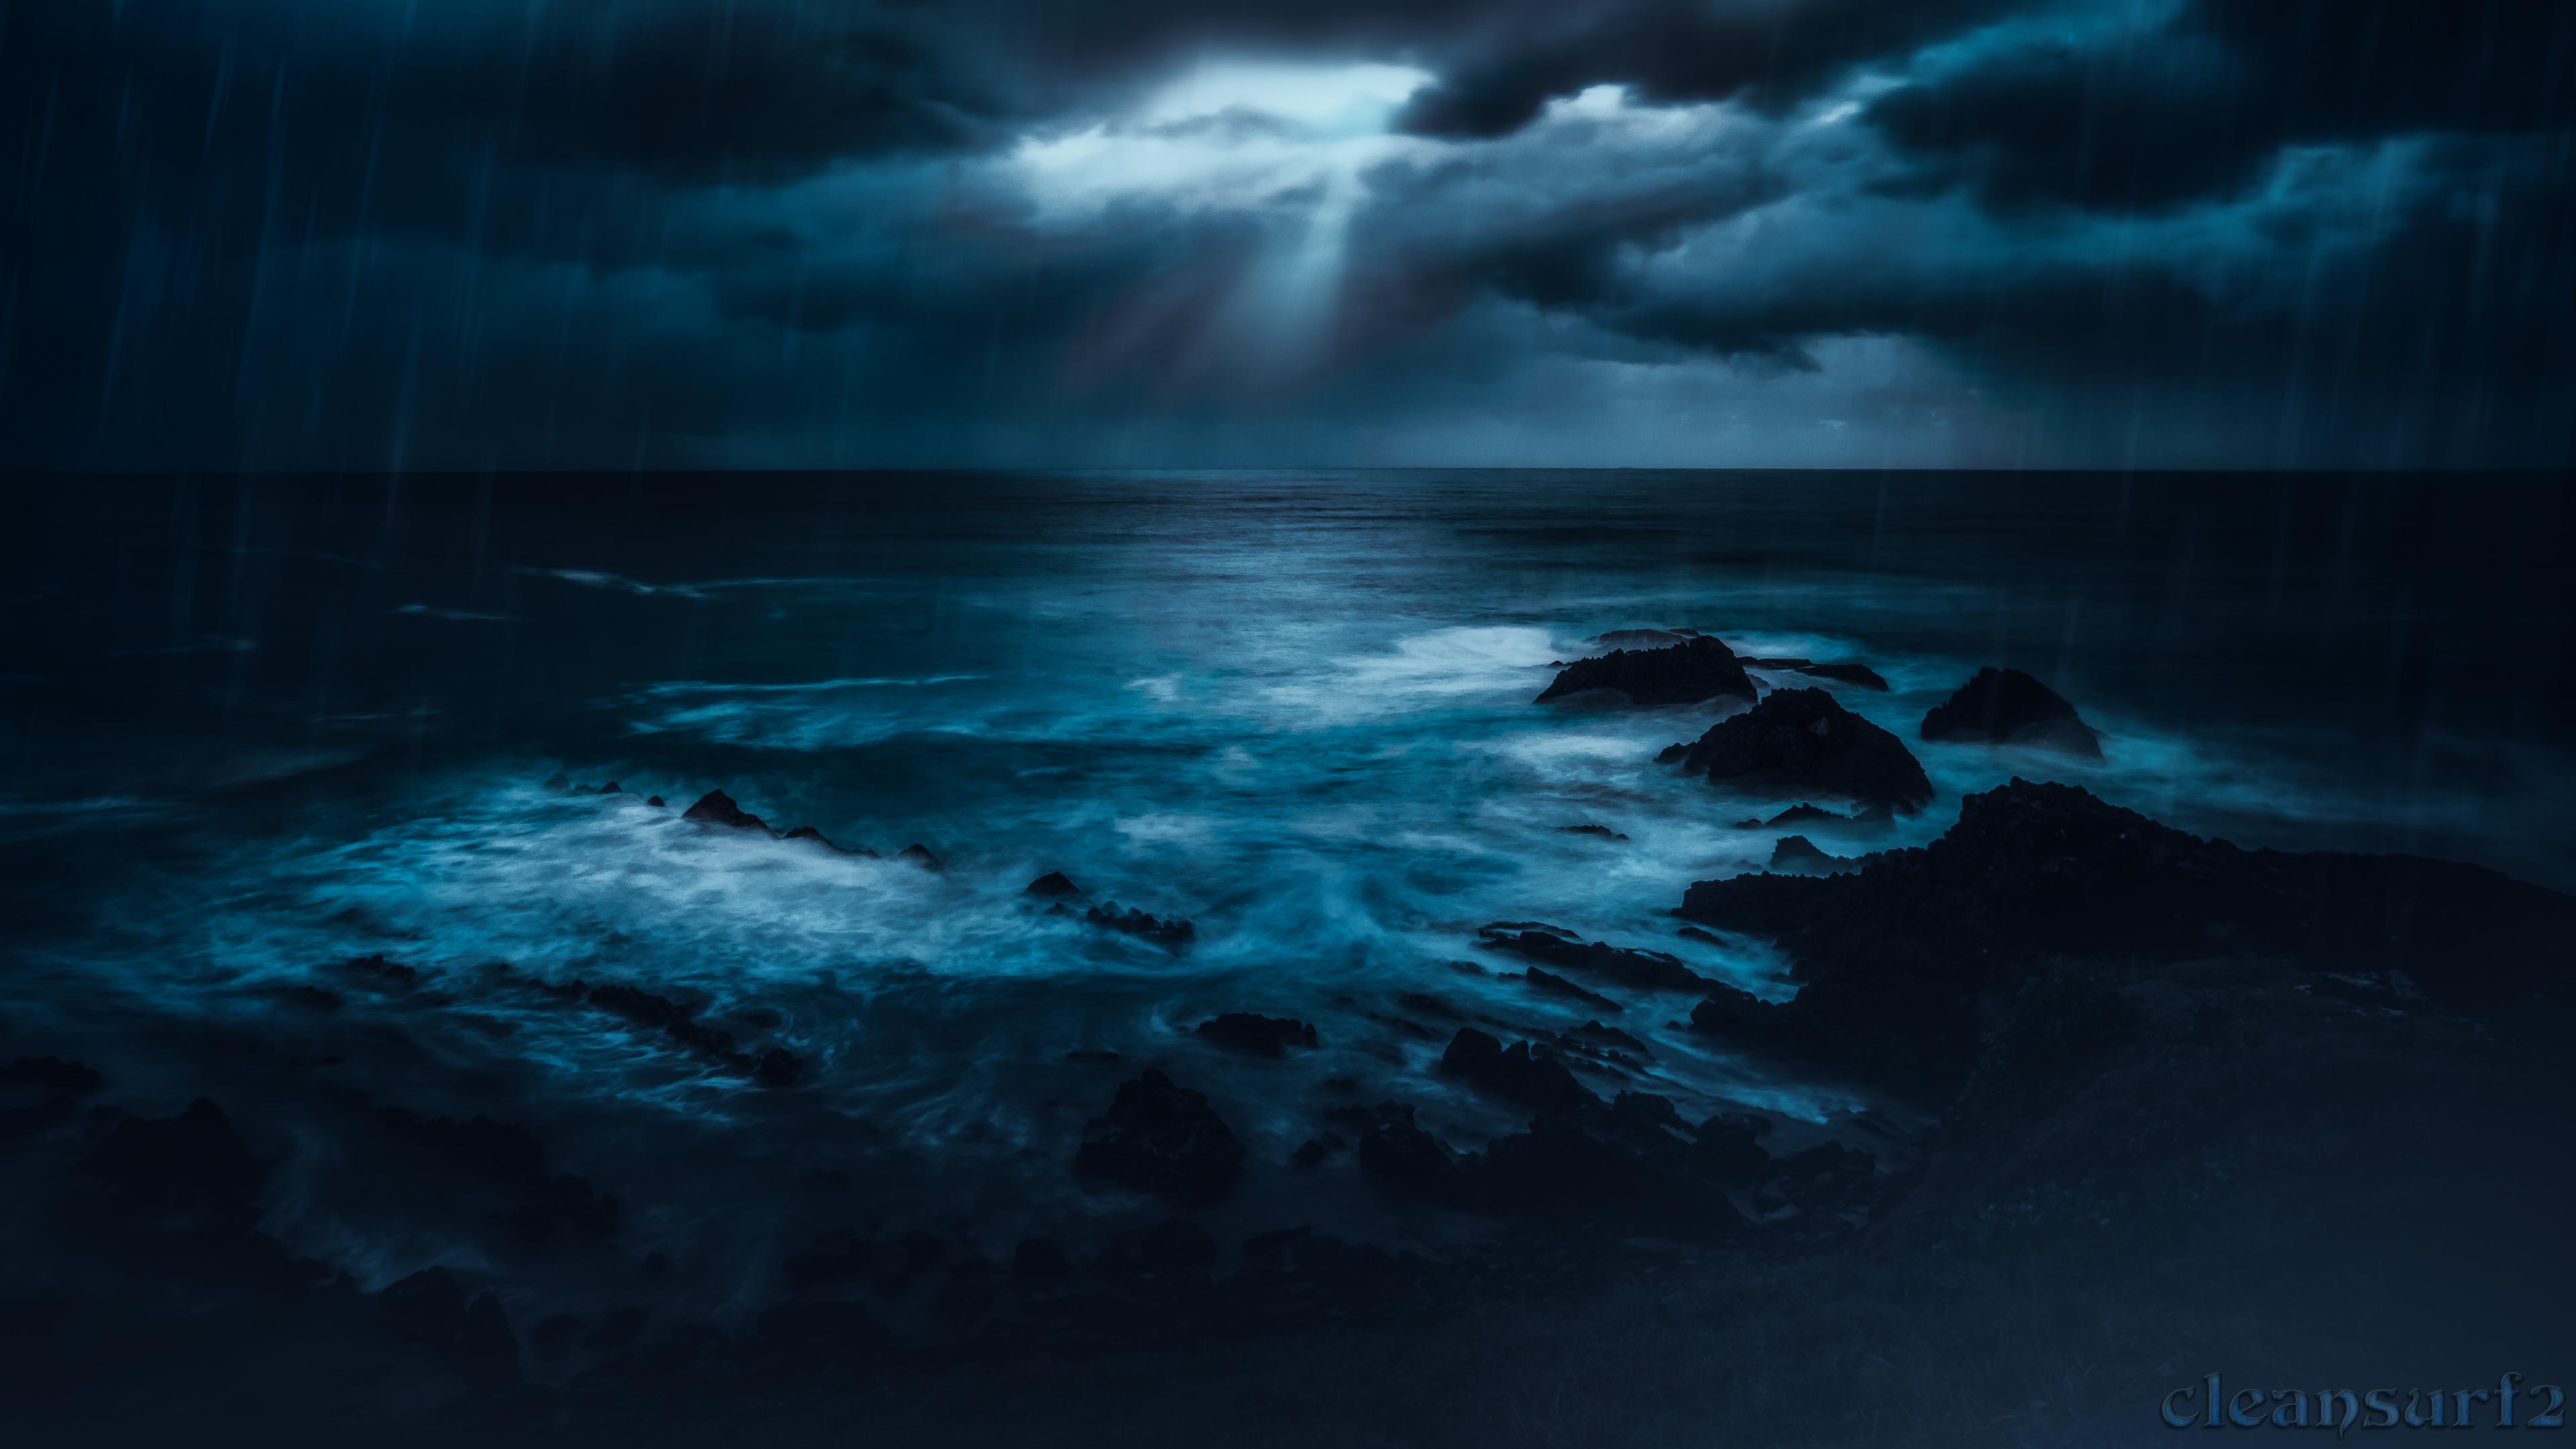 Sfondi Crescenthead Nsw Australia Spiaggia Tempesta Tramonto